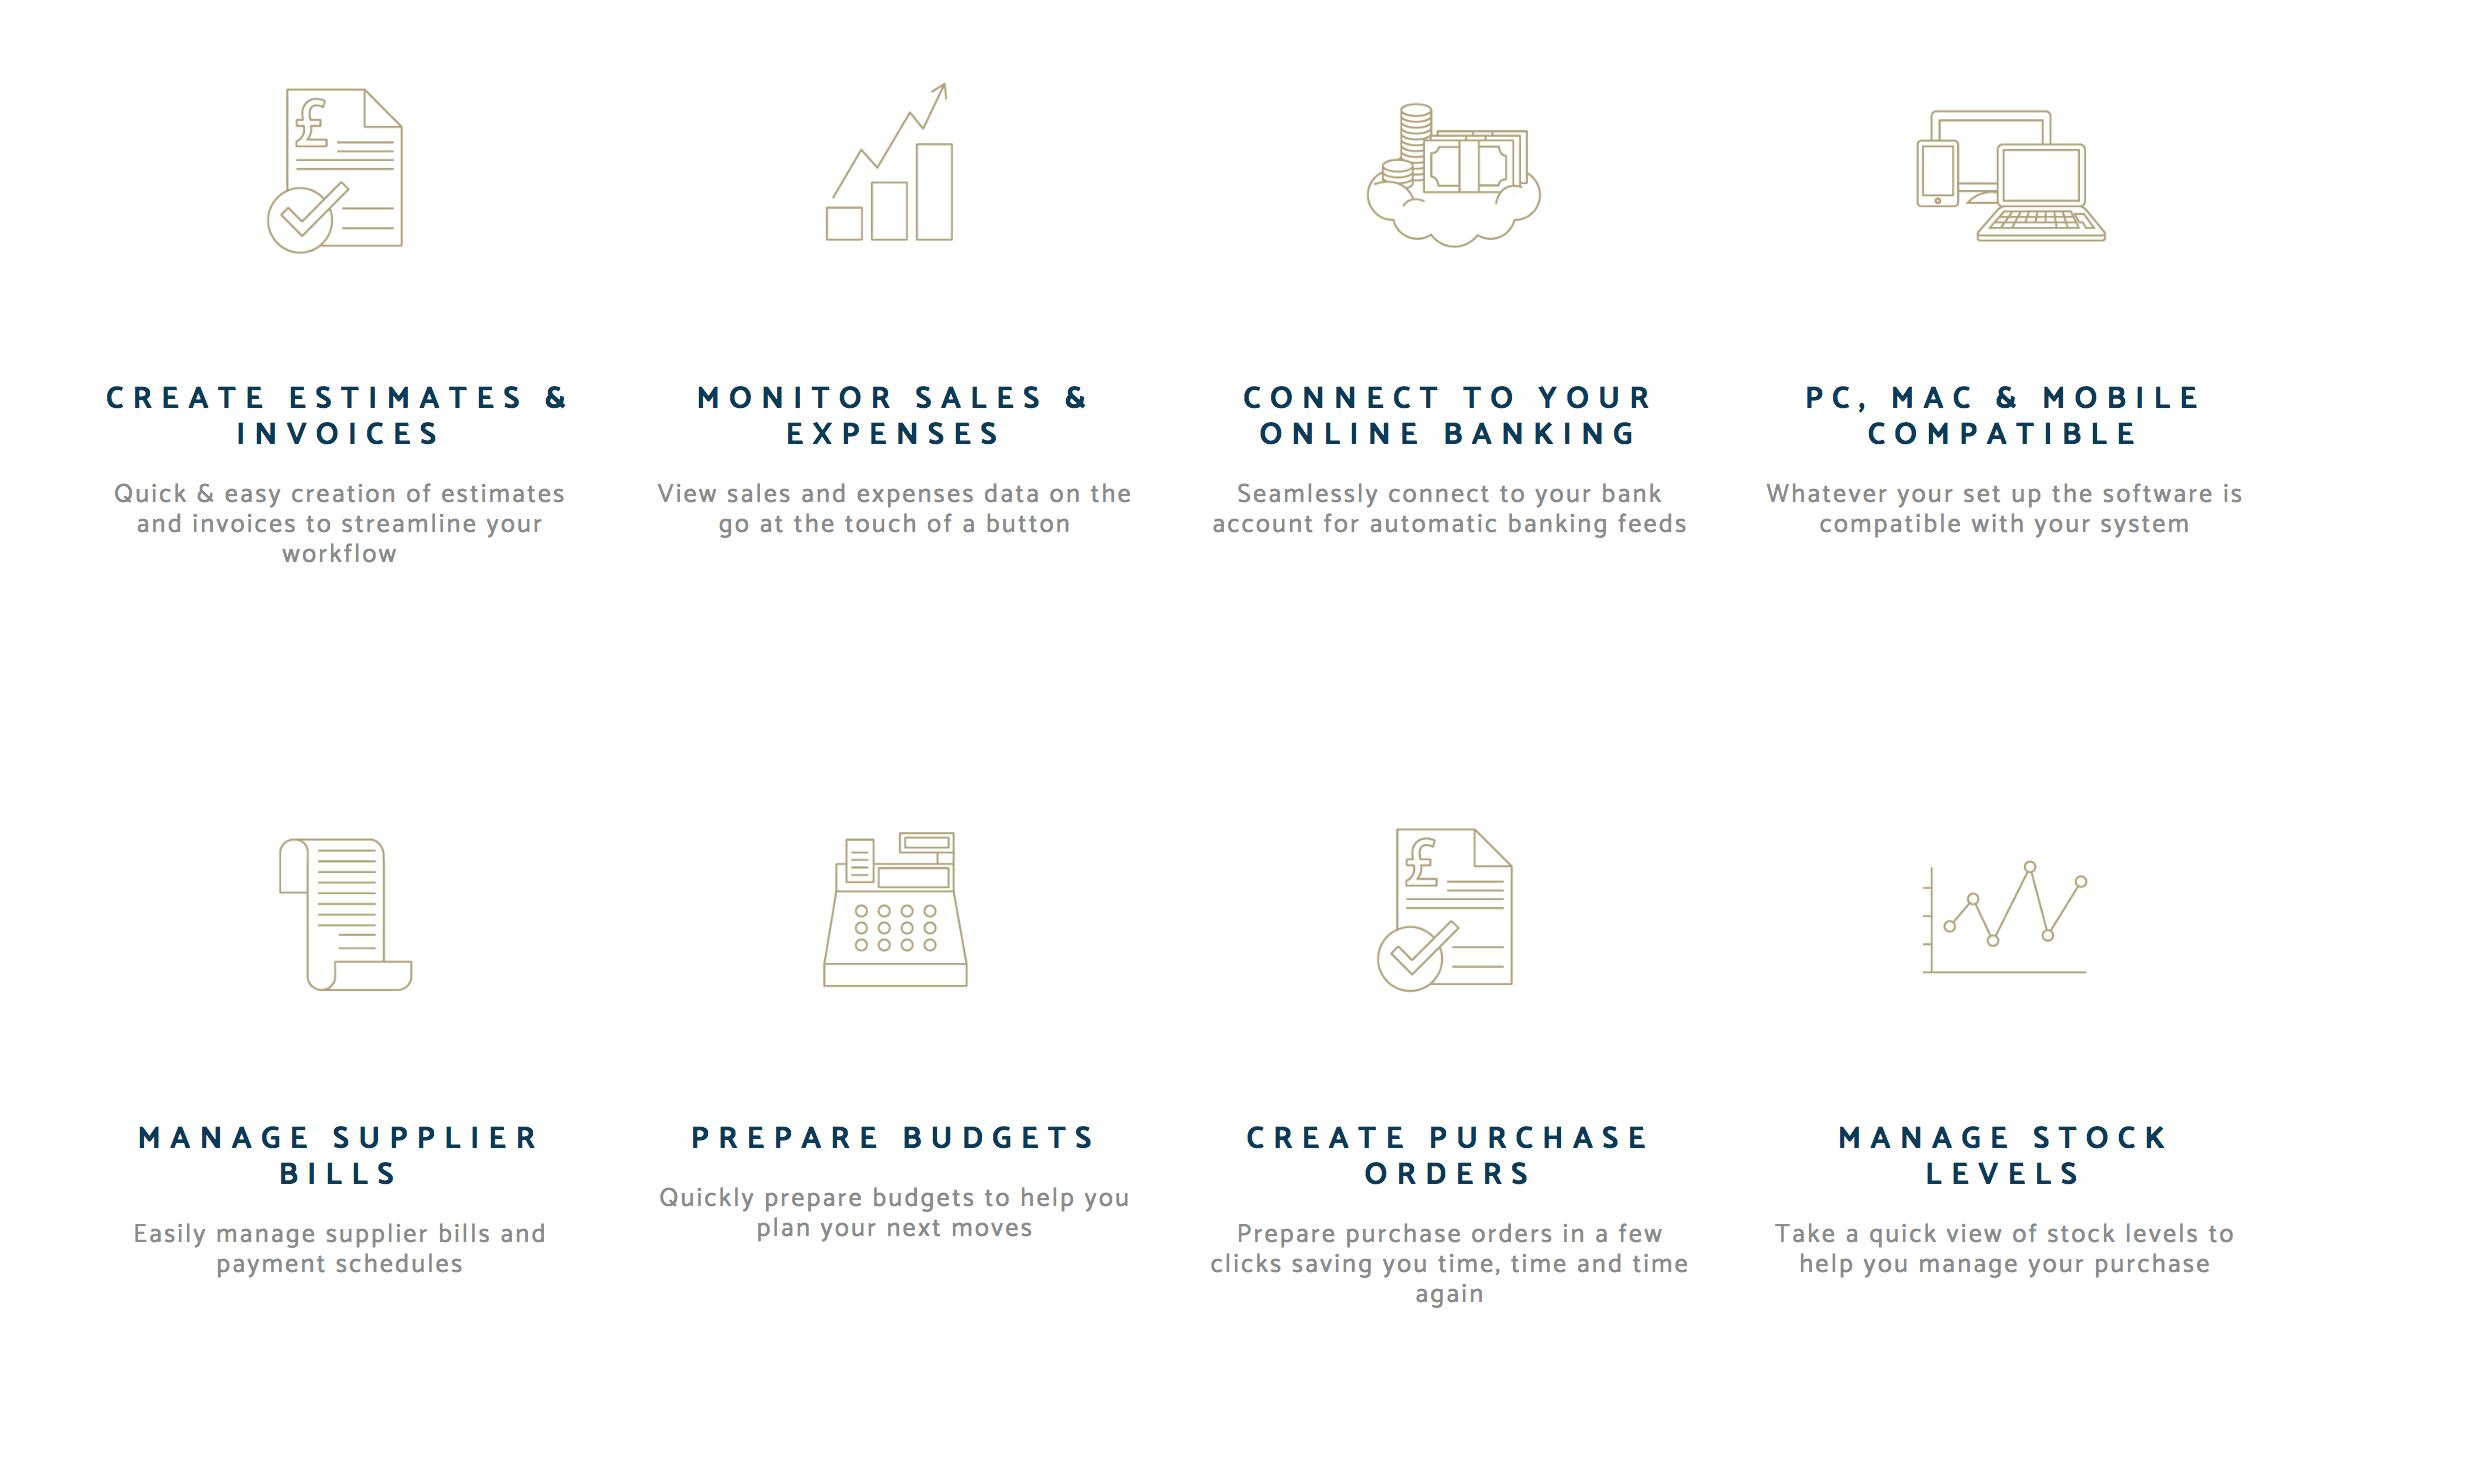 Quickbooks functionality